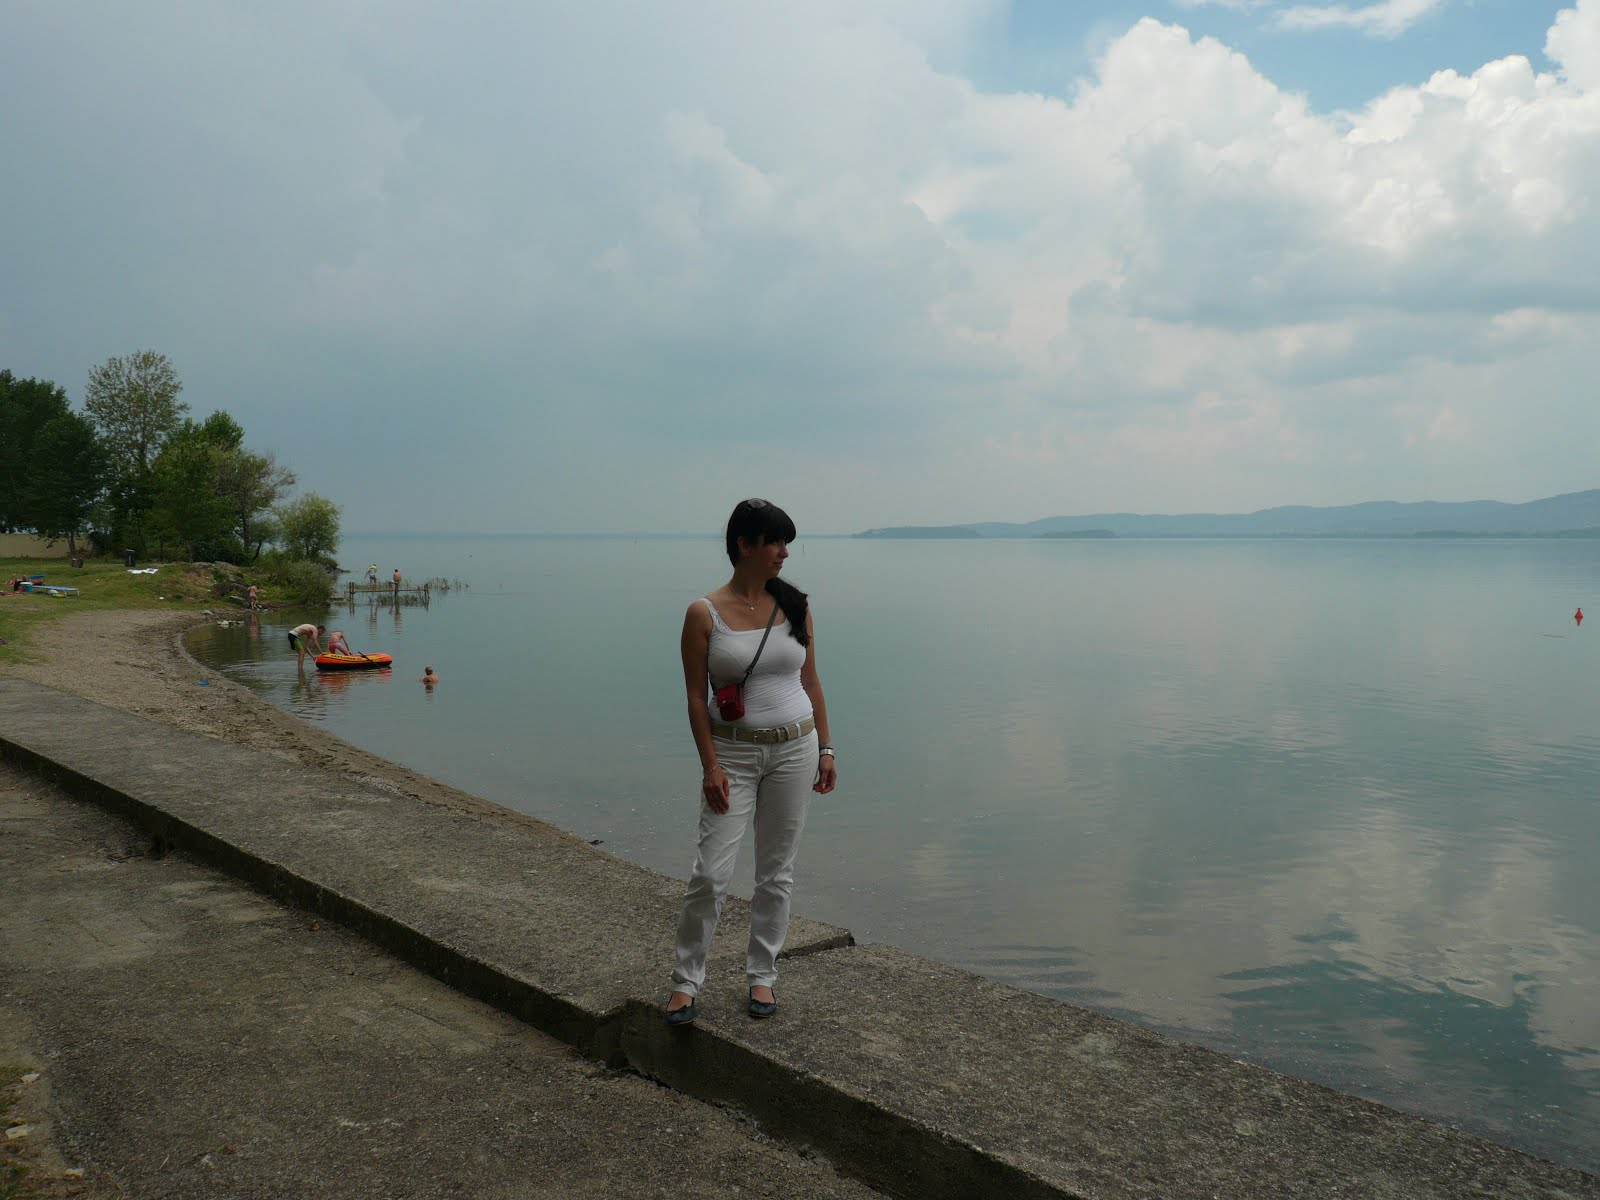 Nel mio viaggio tra Umbria e Toscana